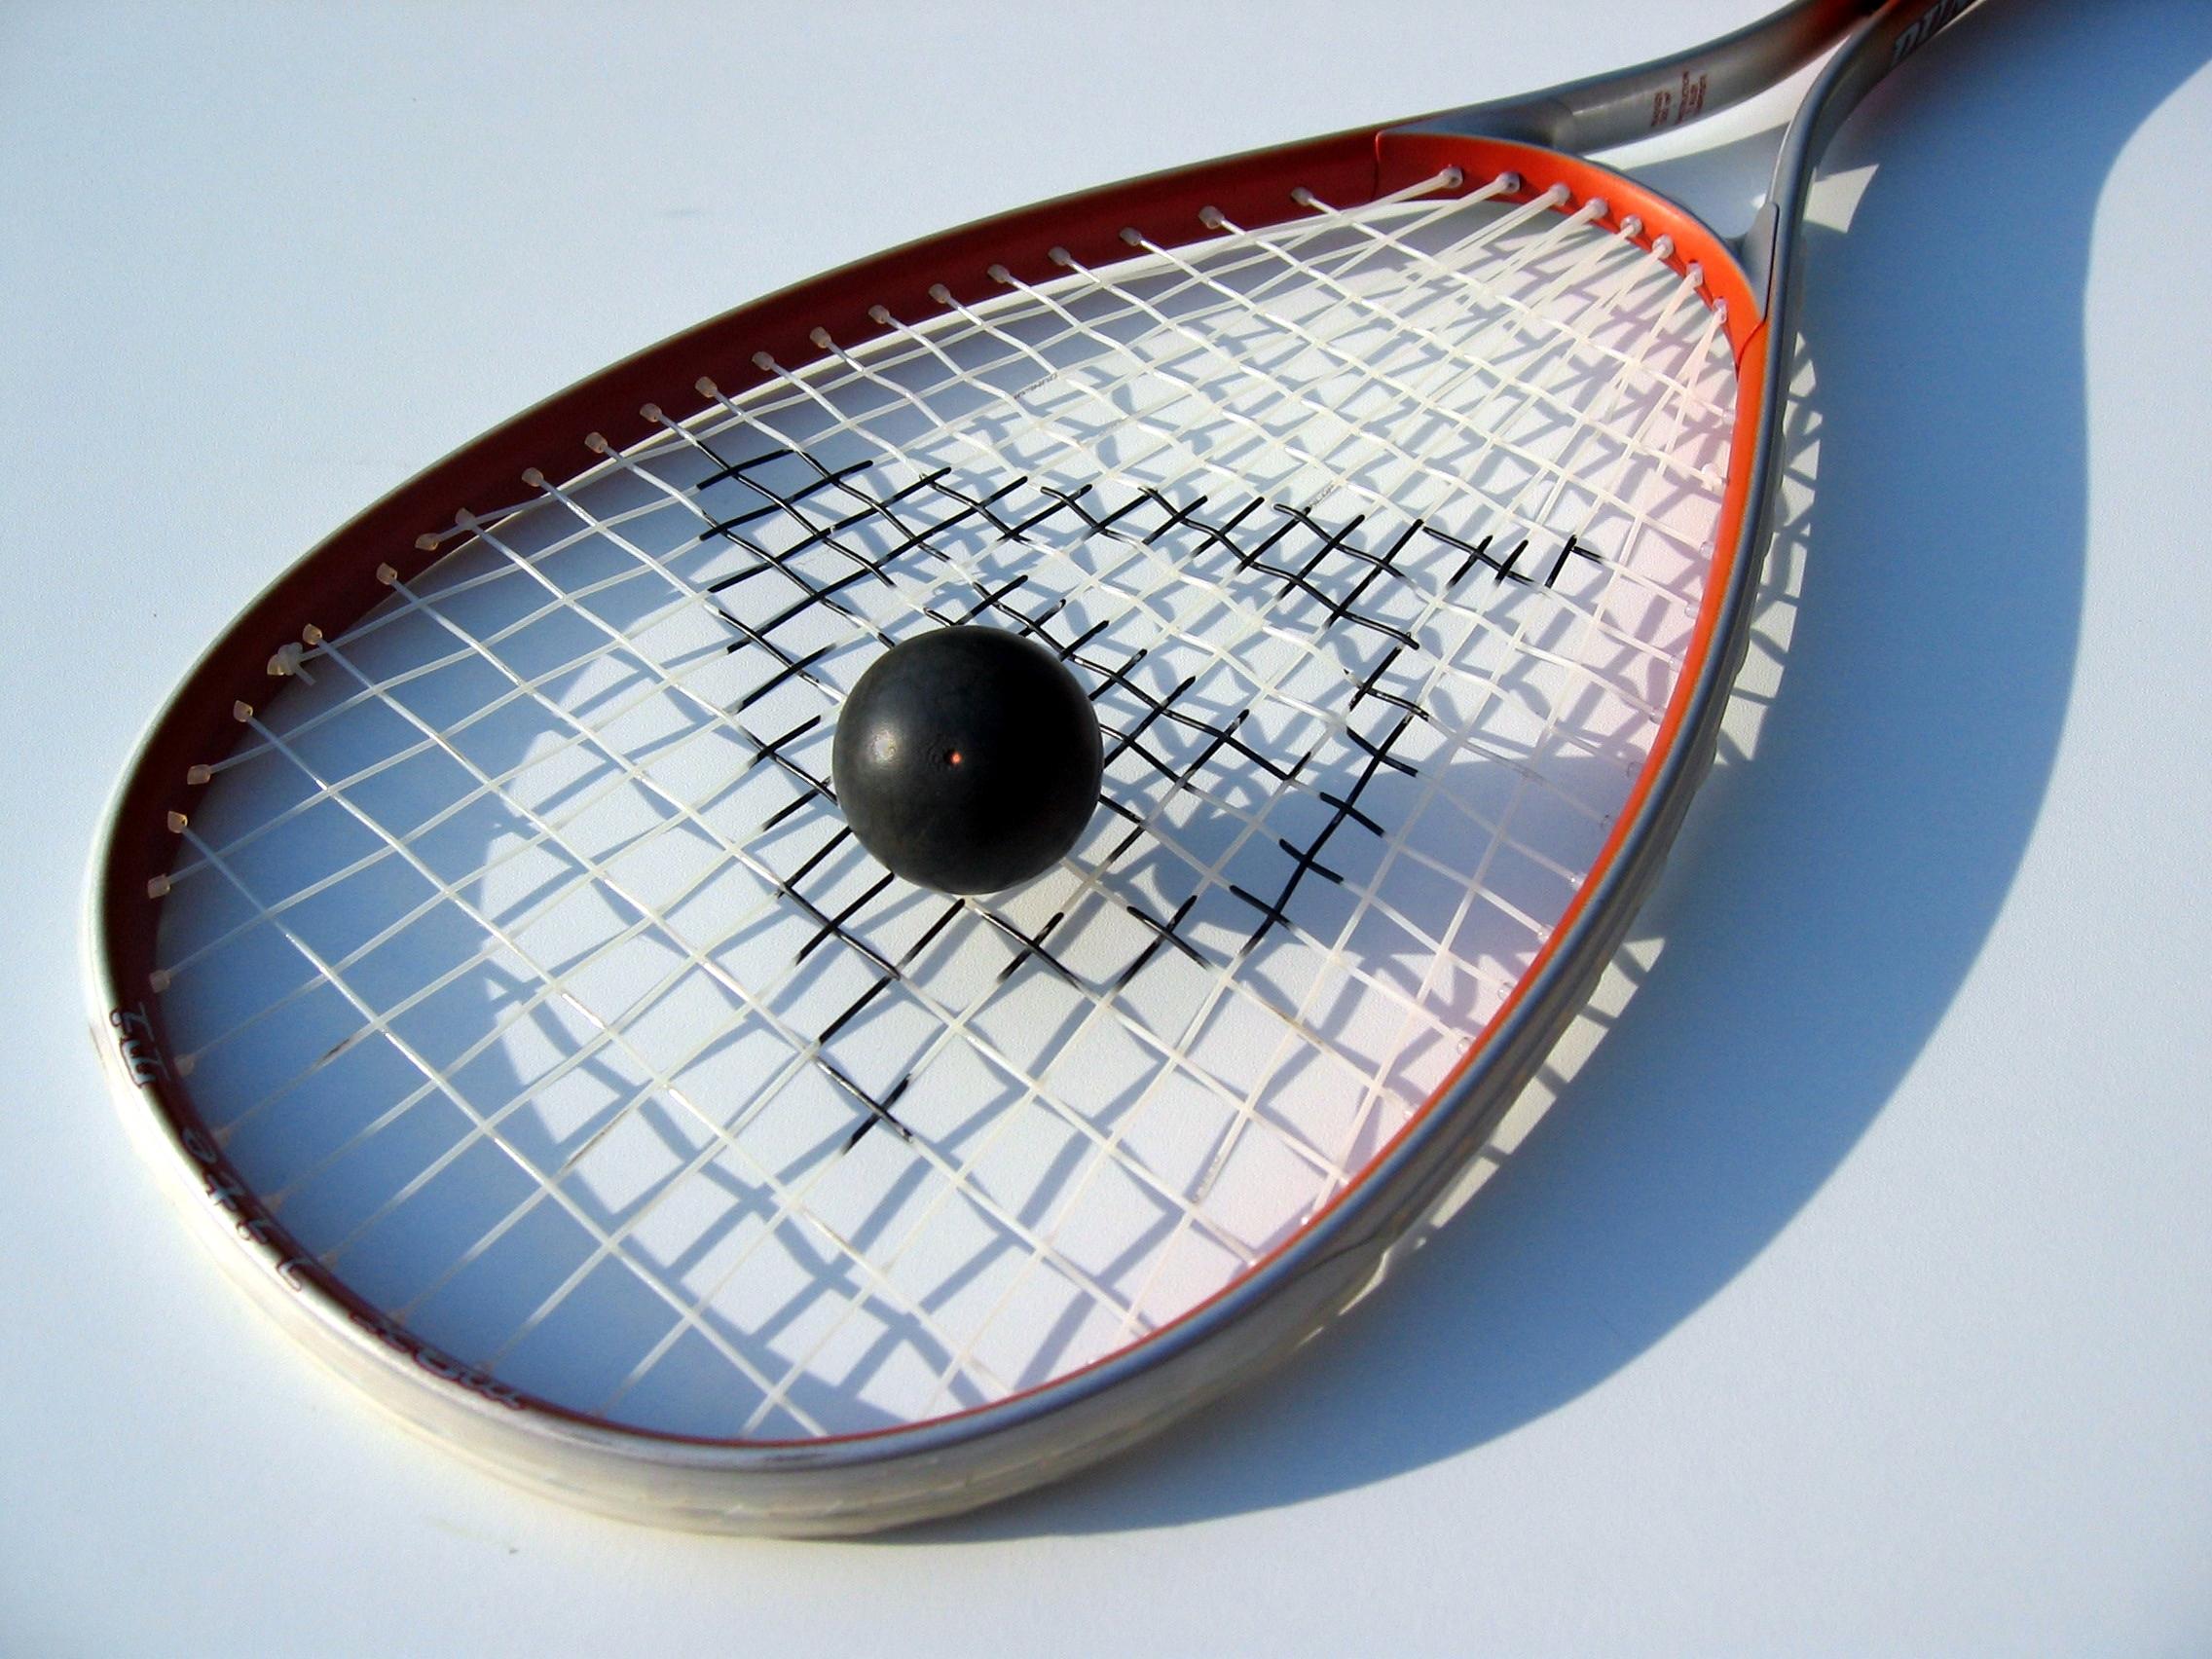 squash-racquet-1425492